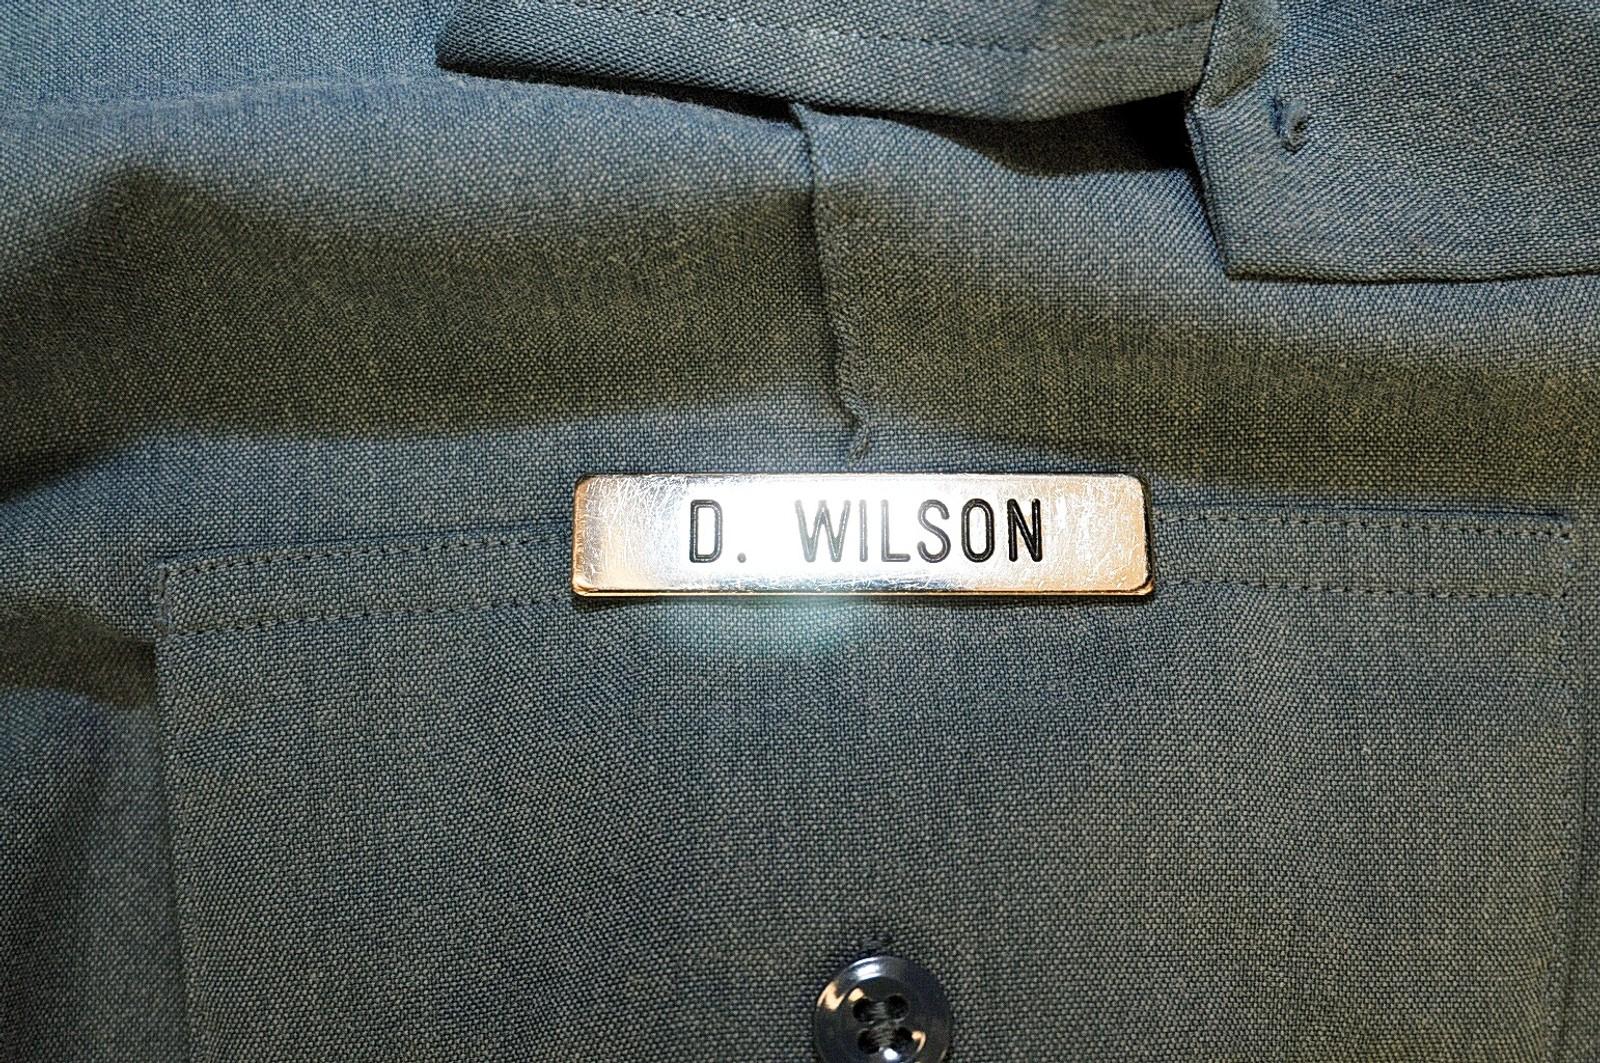 Uniformen Darren Wilson hadde på seg da han skjøt og drepte Michael Brown.